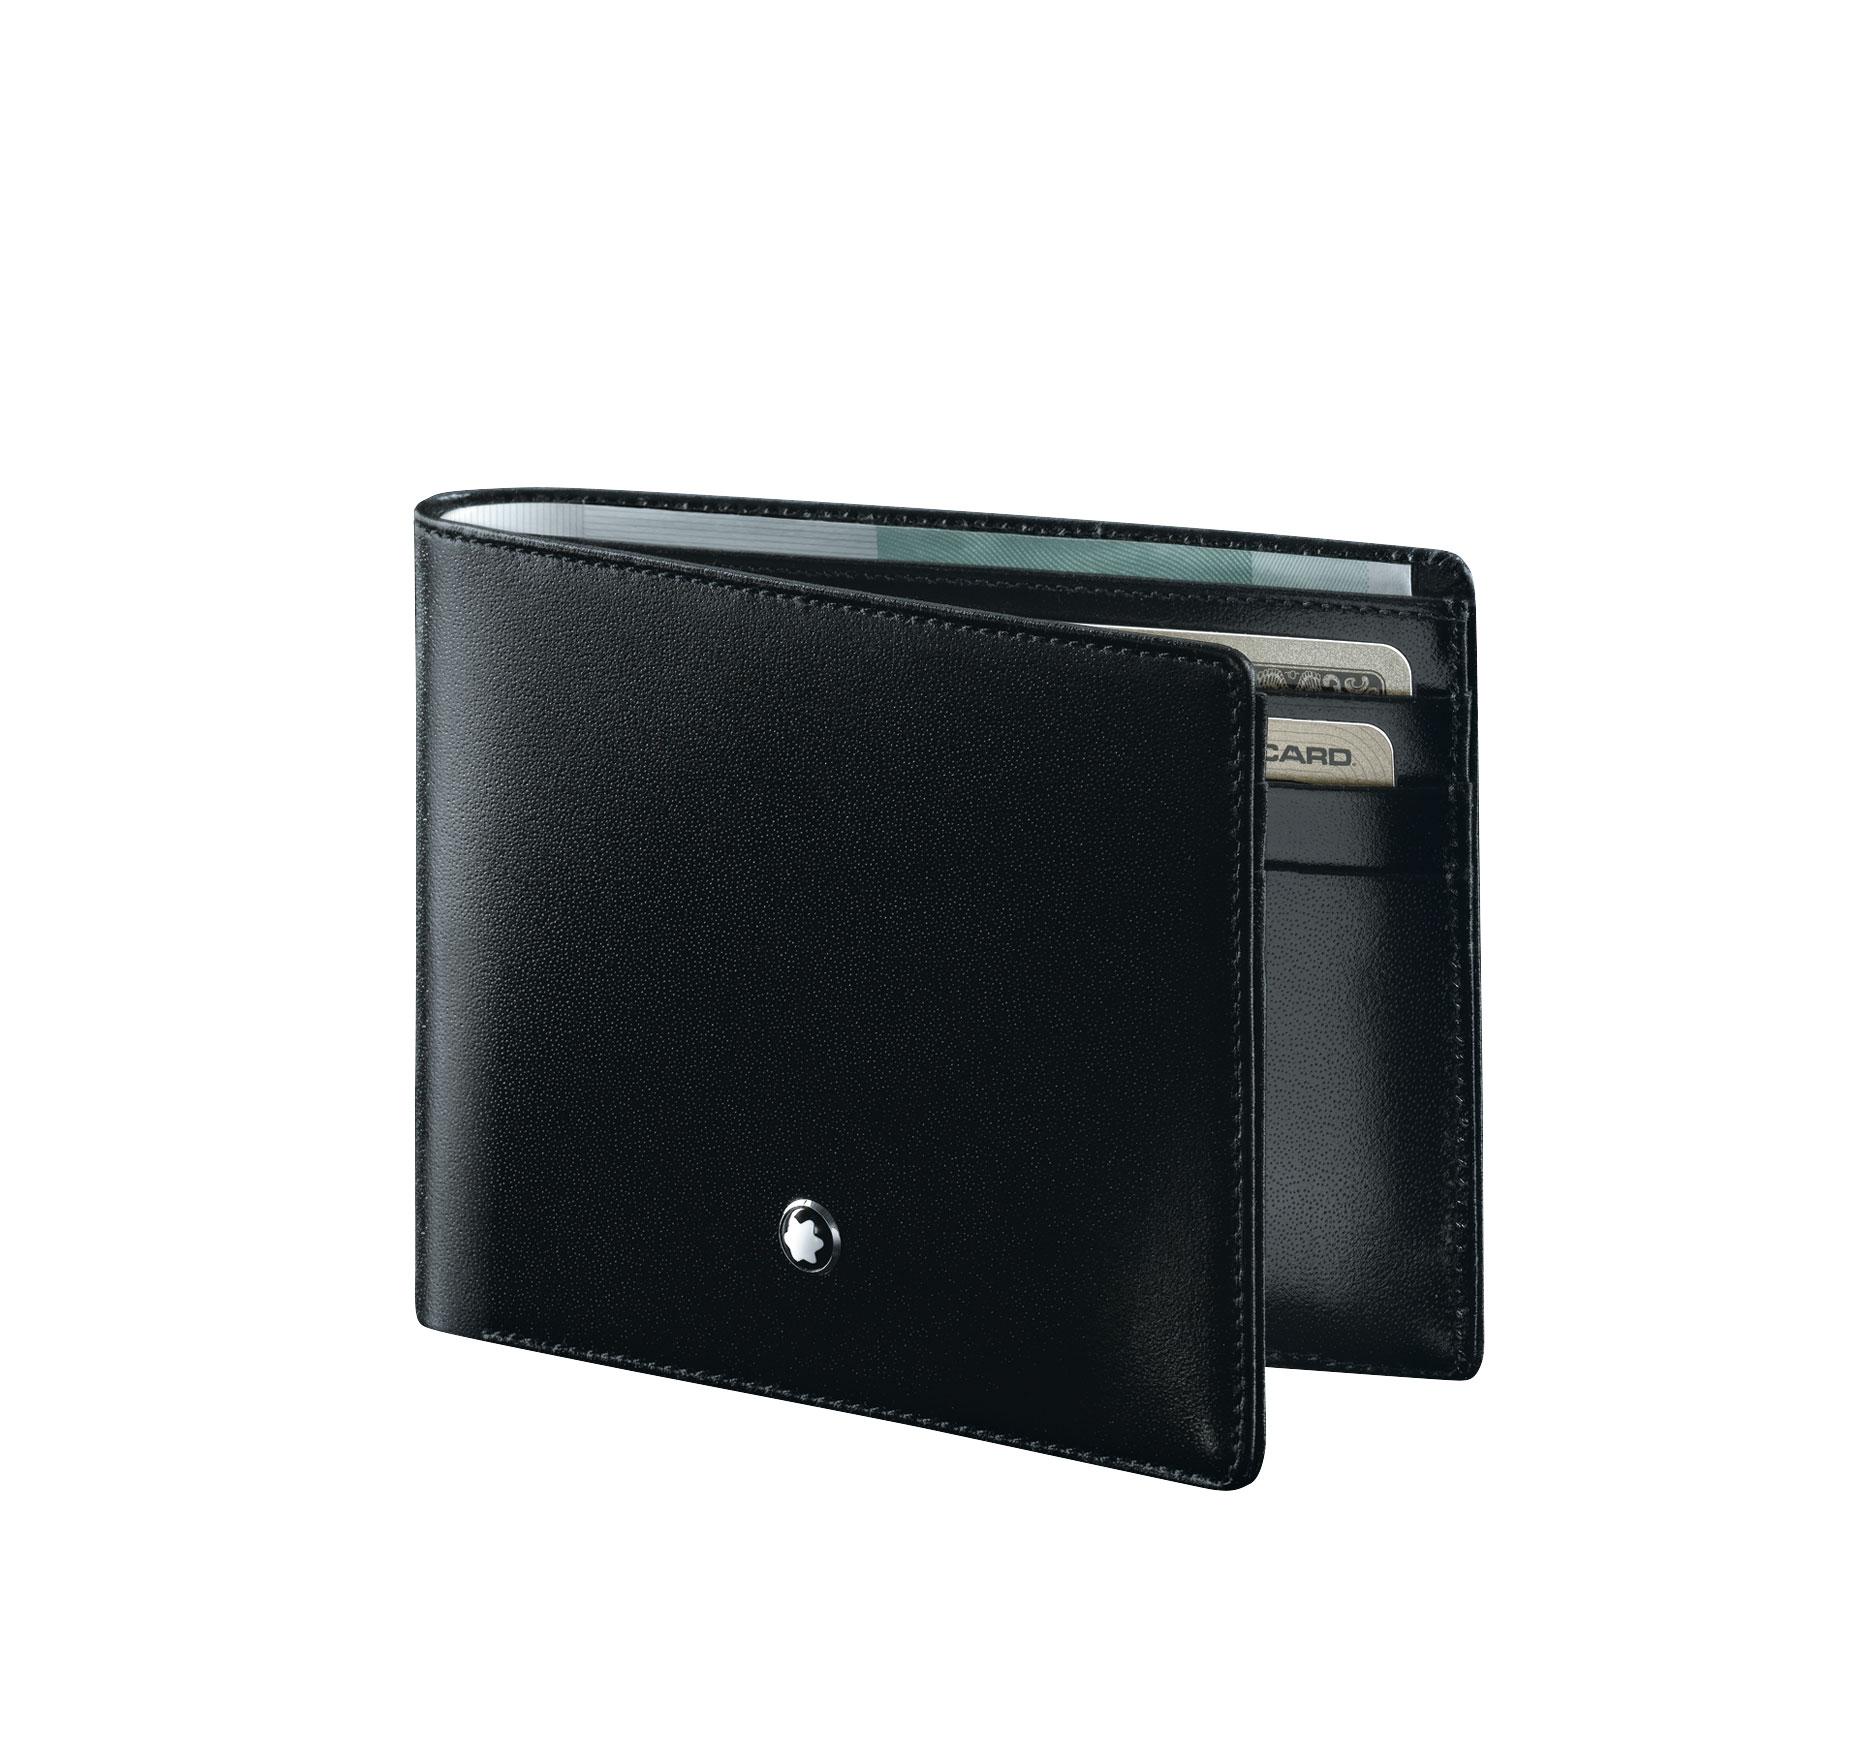 Combien coûte un portefeuille?